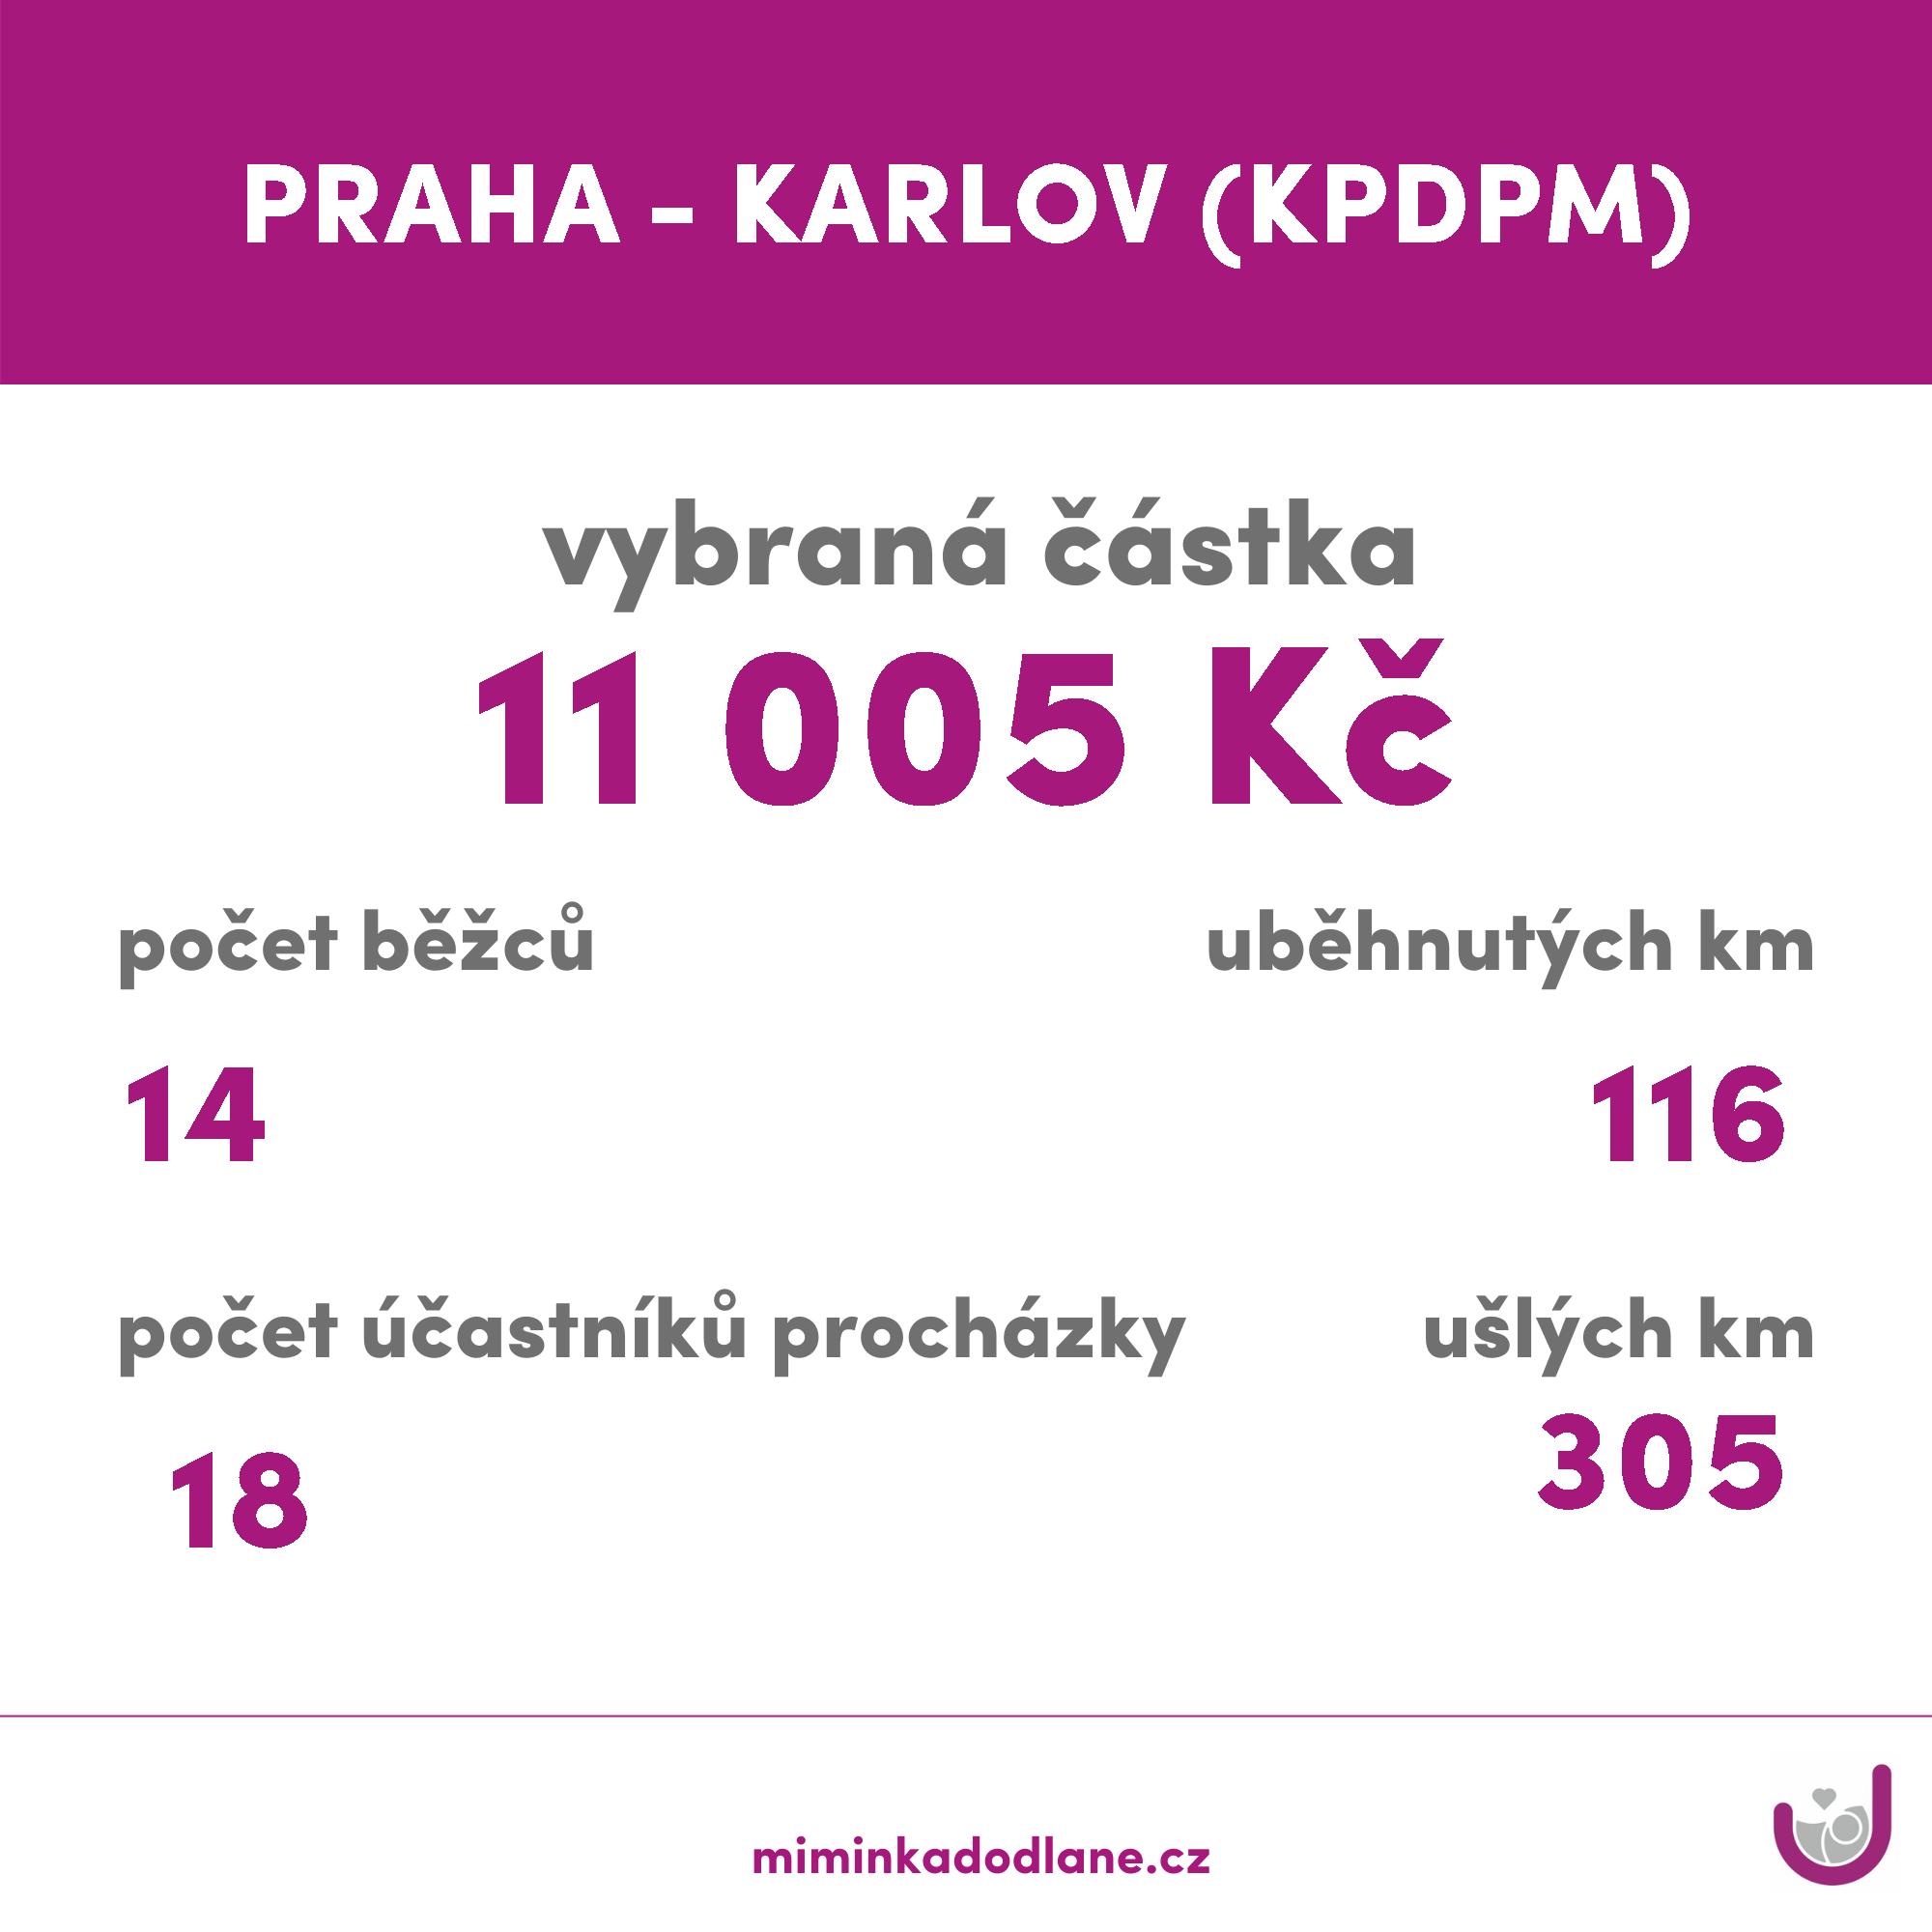 PRAHA - KARLOV (KPDPM)